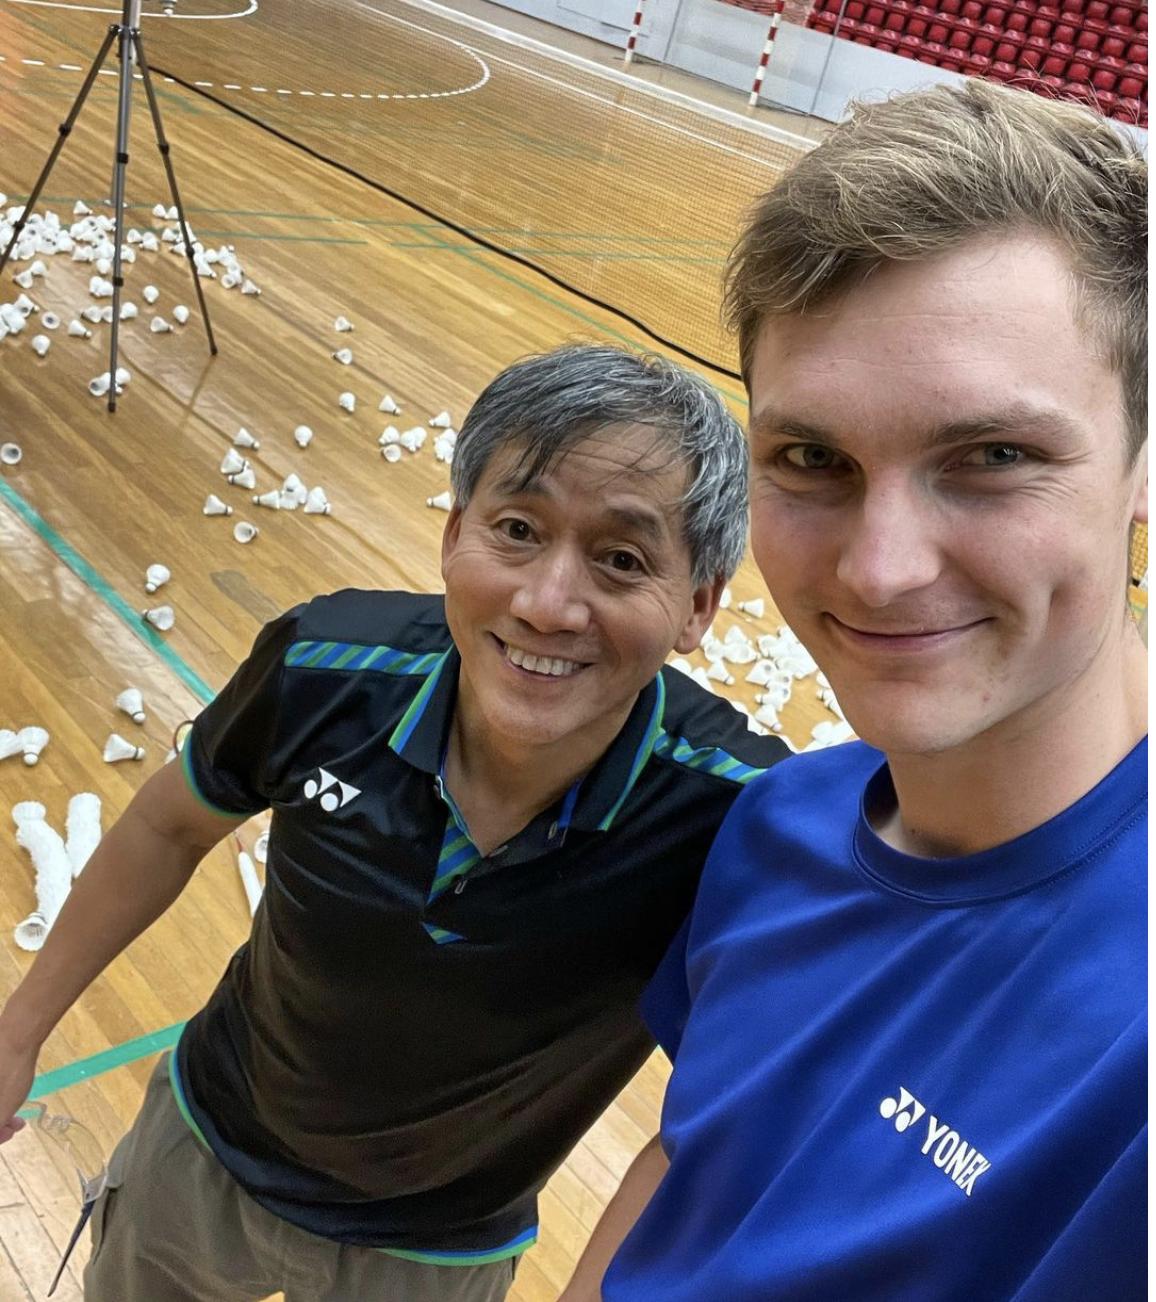 Viktor Axelsen: Chuyện chàng trai vượt nỗi sợ hãi mắc covid 19 để trở thành nhà vô địch Olympic - Ảnh 4.